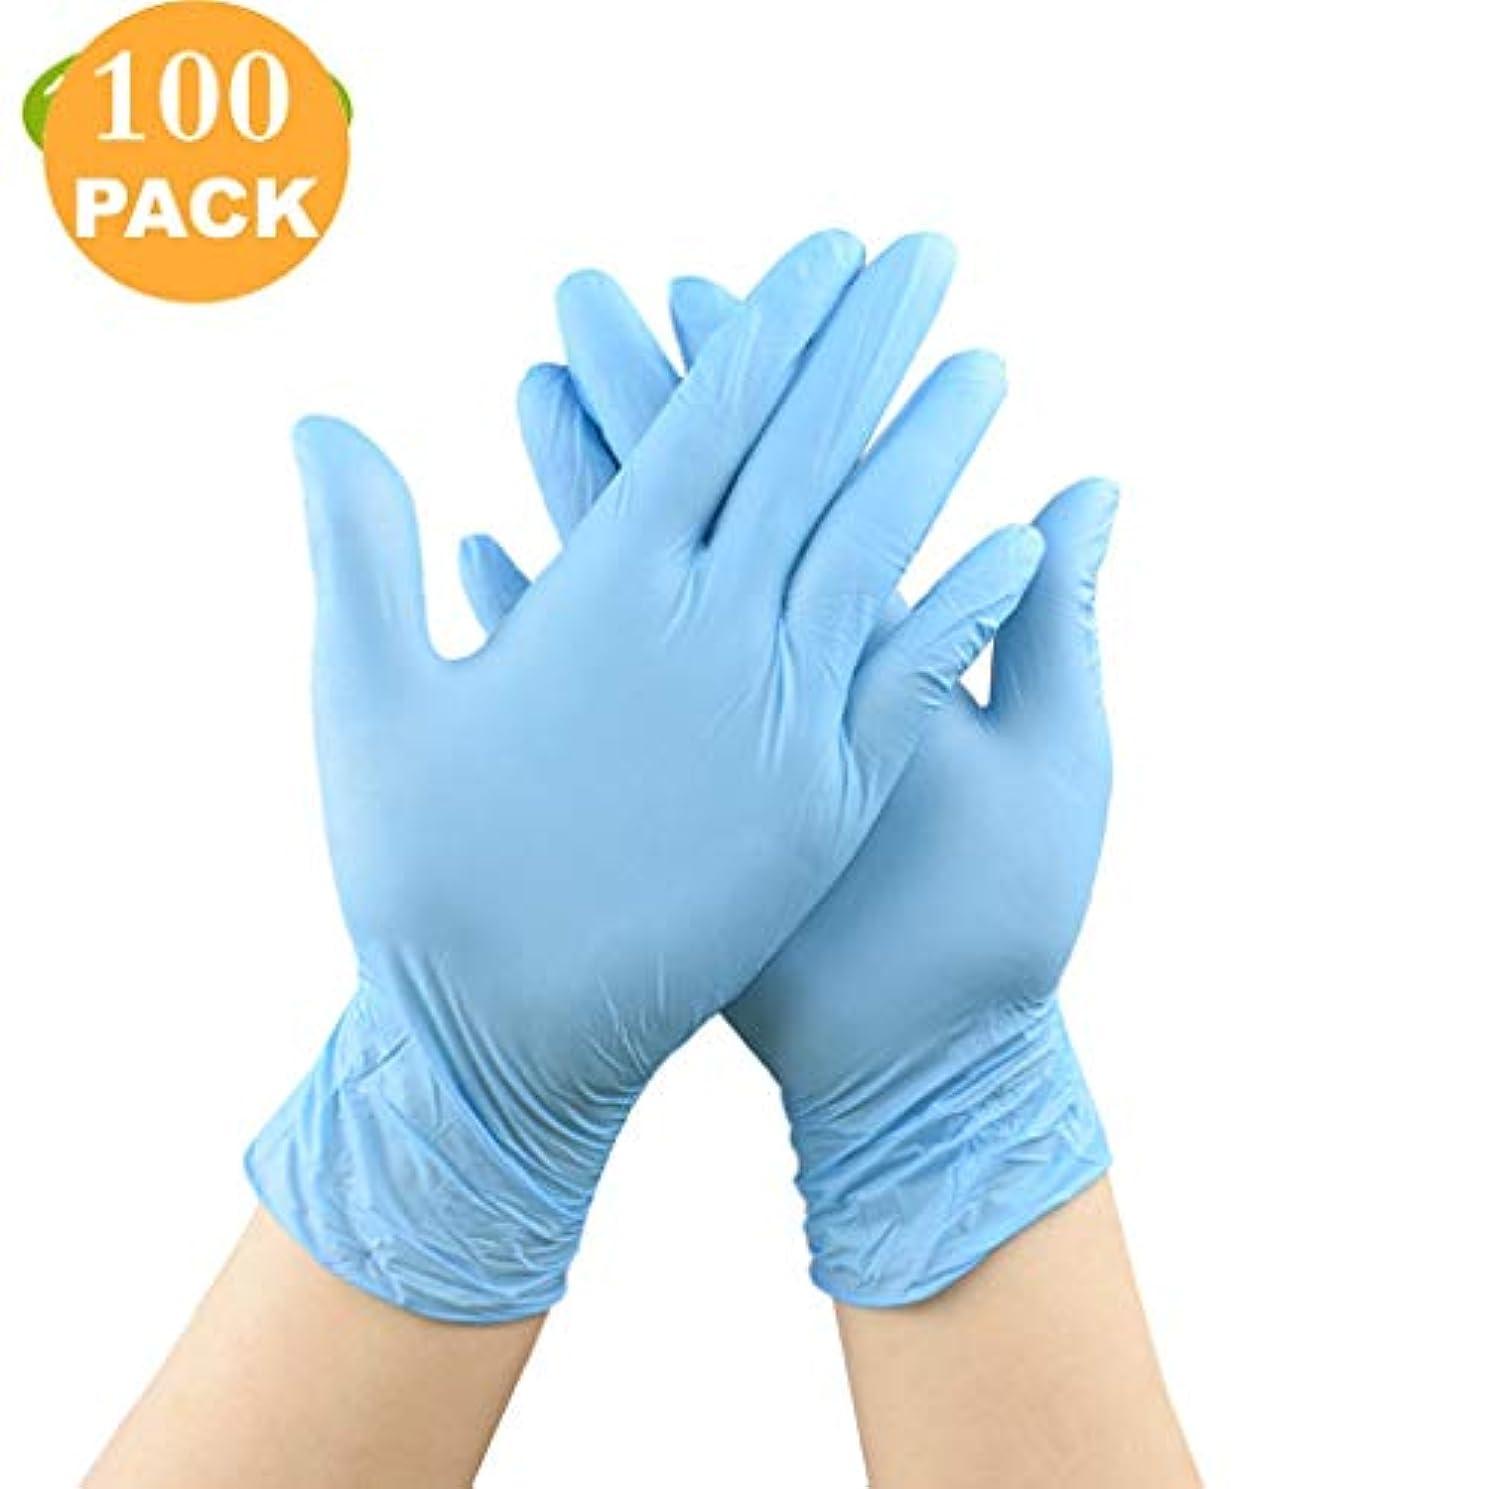 迷惑放射するポケットニトリル使い捨てケータリングケータリング家事保護の食品用ゴム手袋ゴム手袋耐性-100パーボックス (Color : Blue, Size : L)